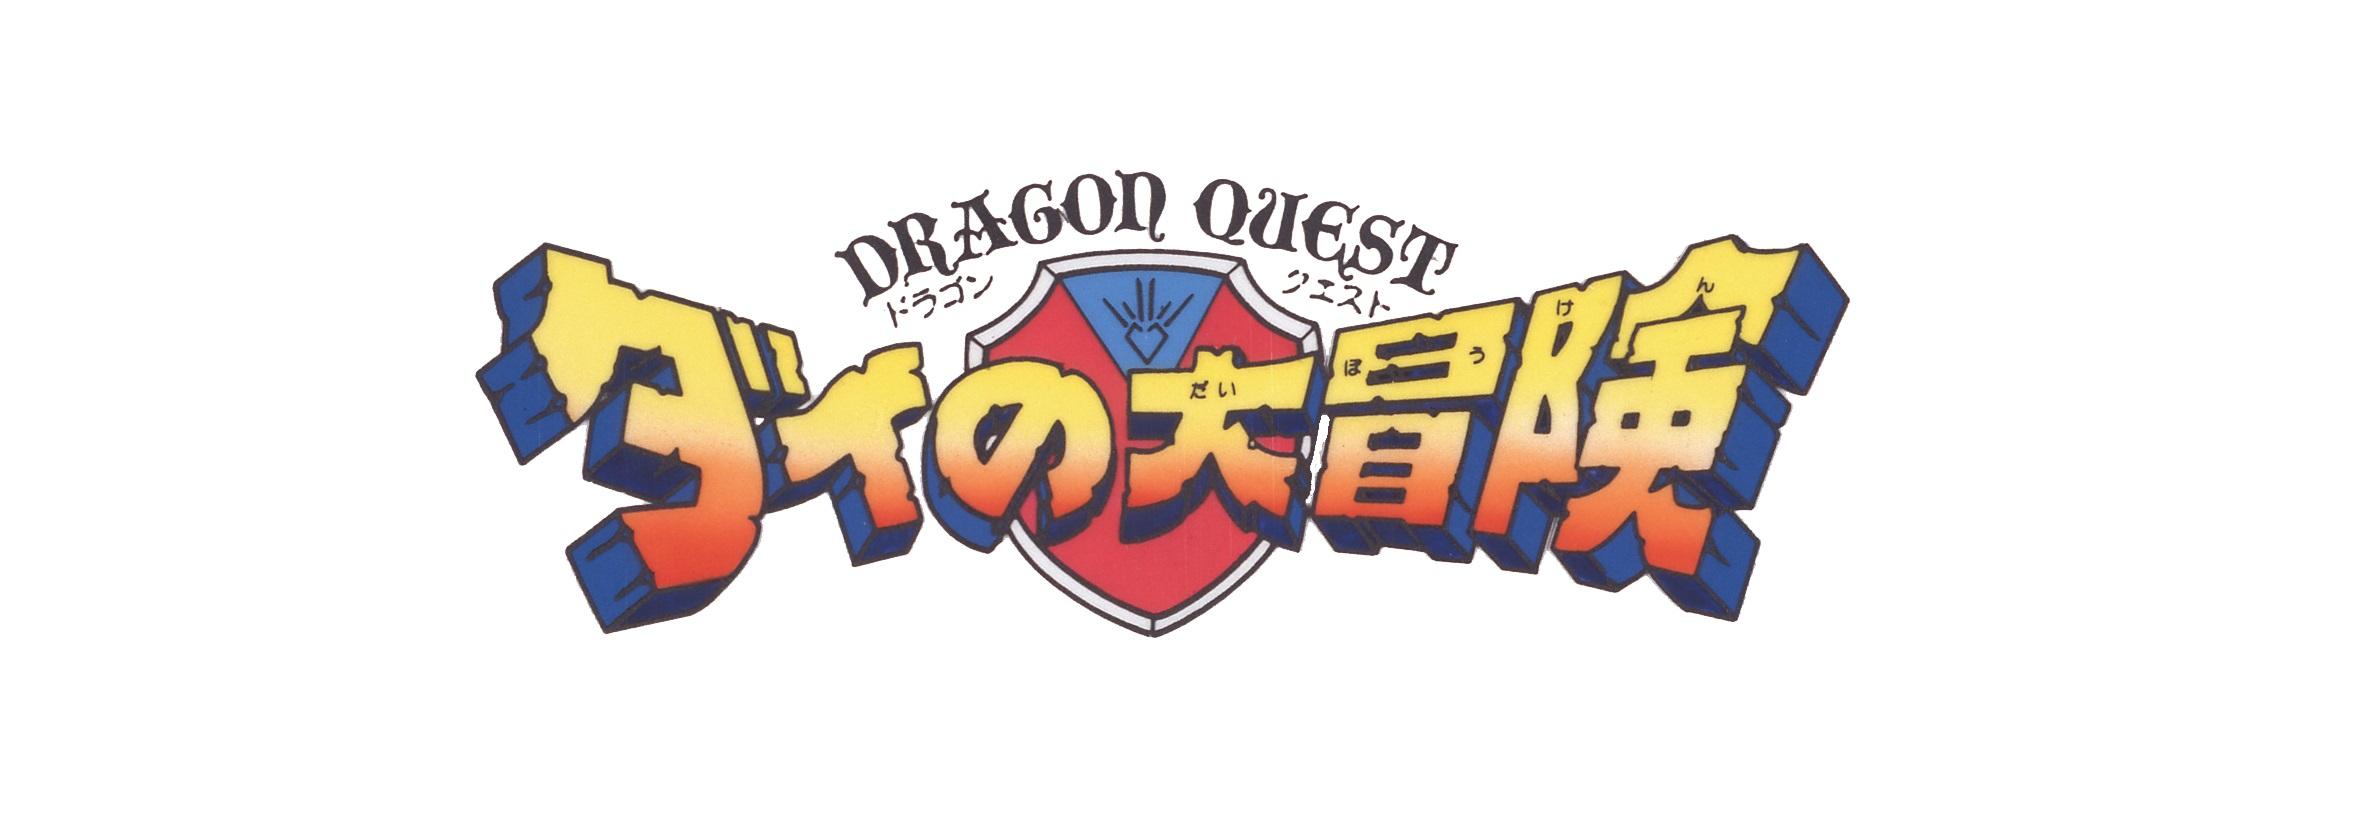 【ドラゴンクエスト ダイの大冒険(1991)】Blu-ray BOX 発売決定!